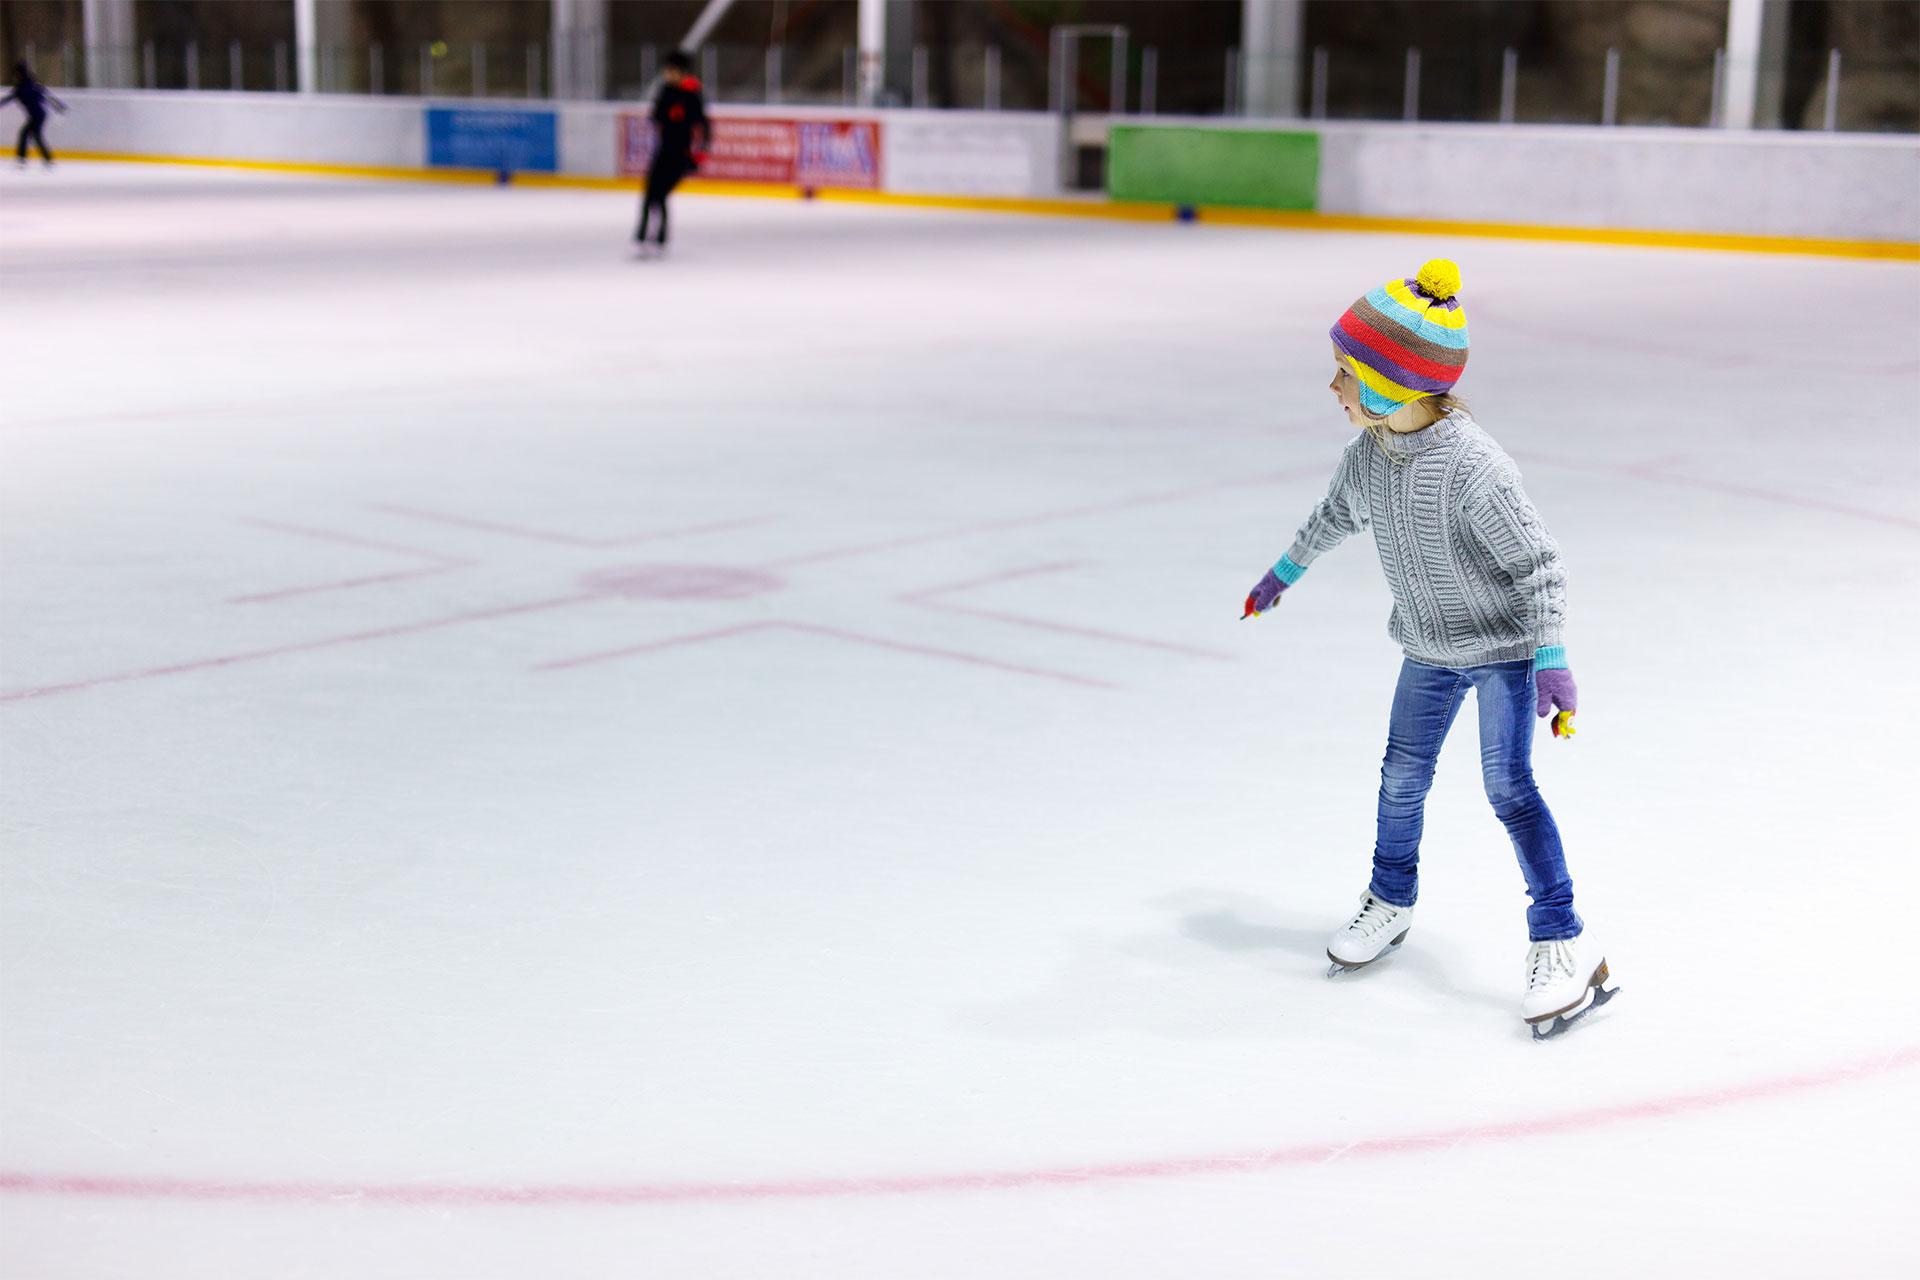 After School Skate